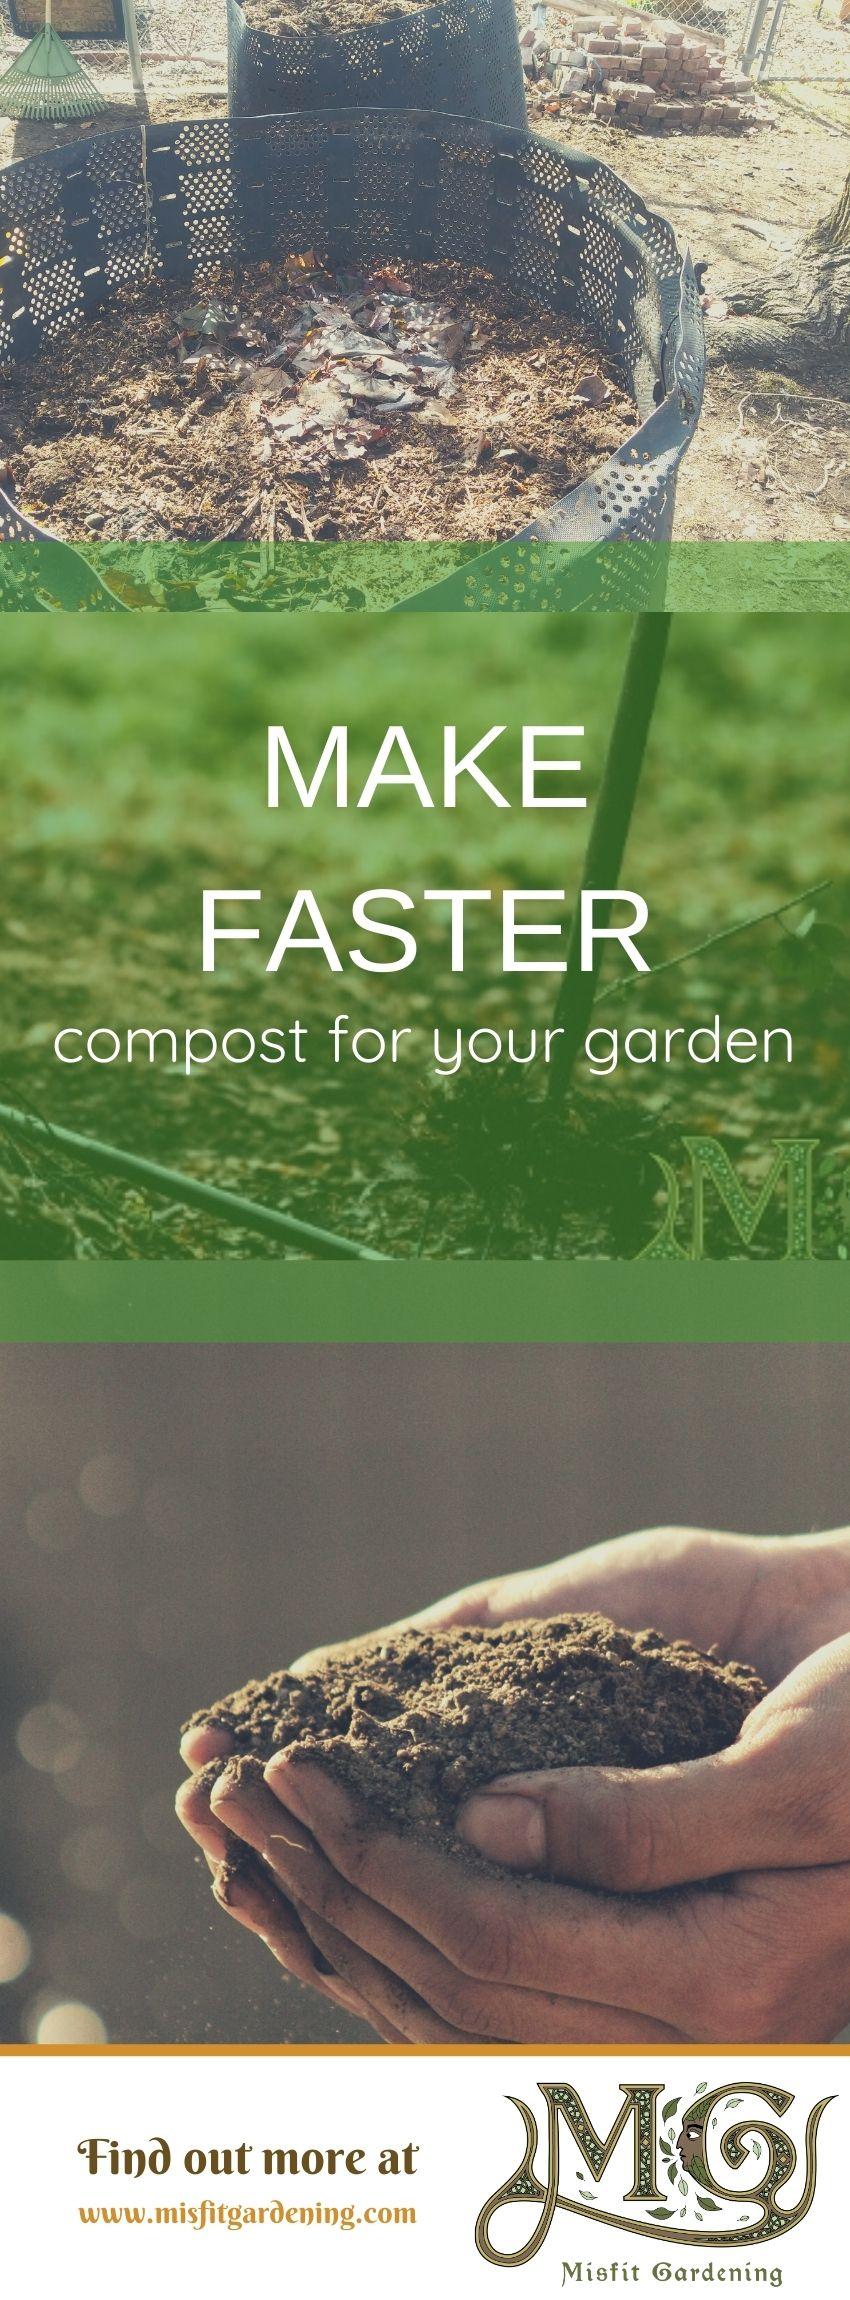 Klicken Sie hier, um zu sehen, wie Sie Kompost noch schneller machen oder anheften und für später speichern können. #homestead #organic #gardening